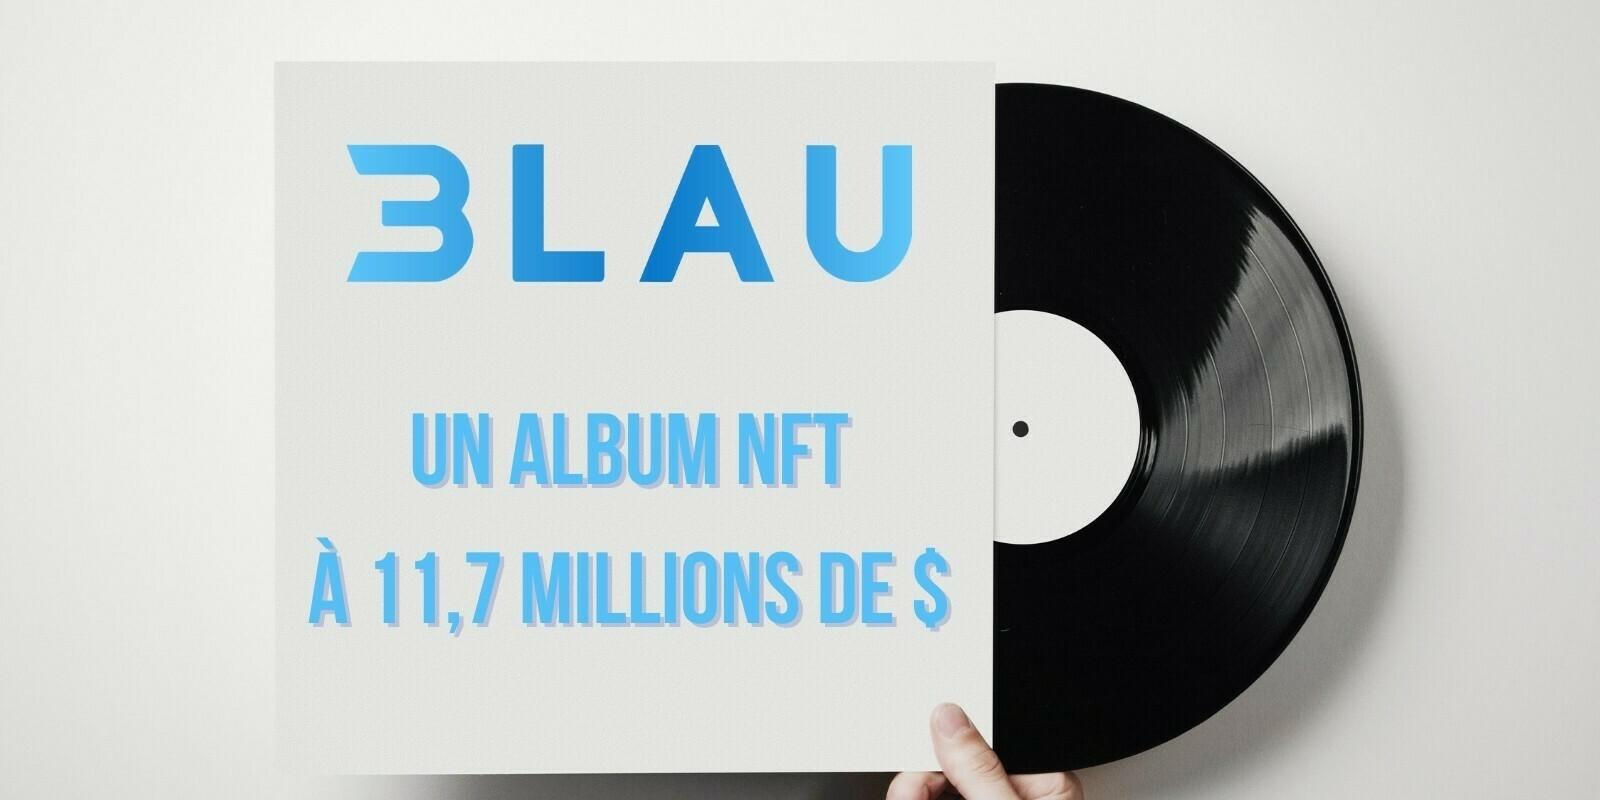 Première vente d'album sous forme de NFT : 3LAU récolte 11,7 millions de dollars